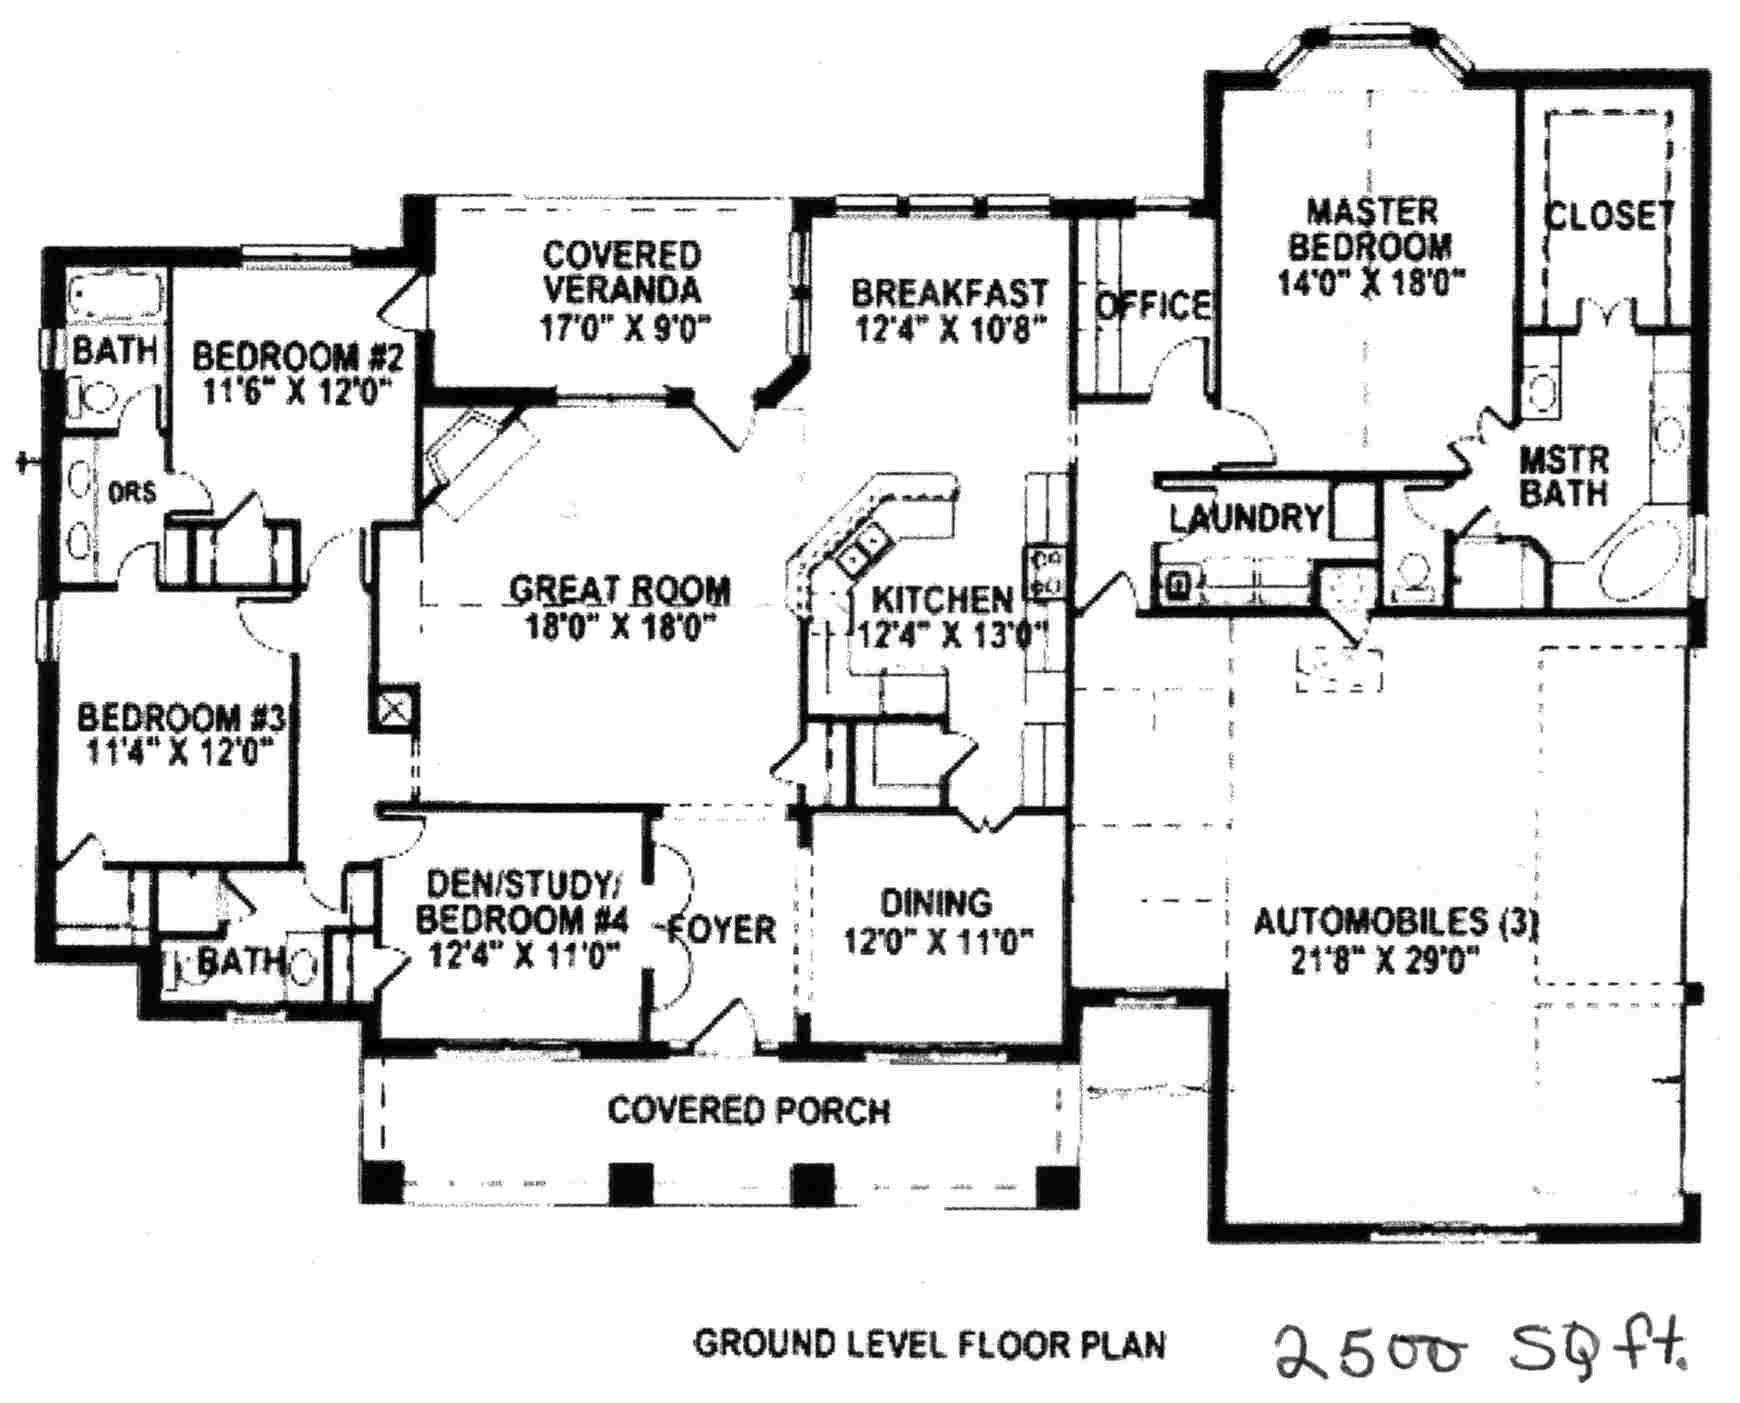 2500 Sq Ft House Plans Peltier Builders Inc About Us Ranch